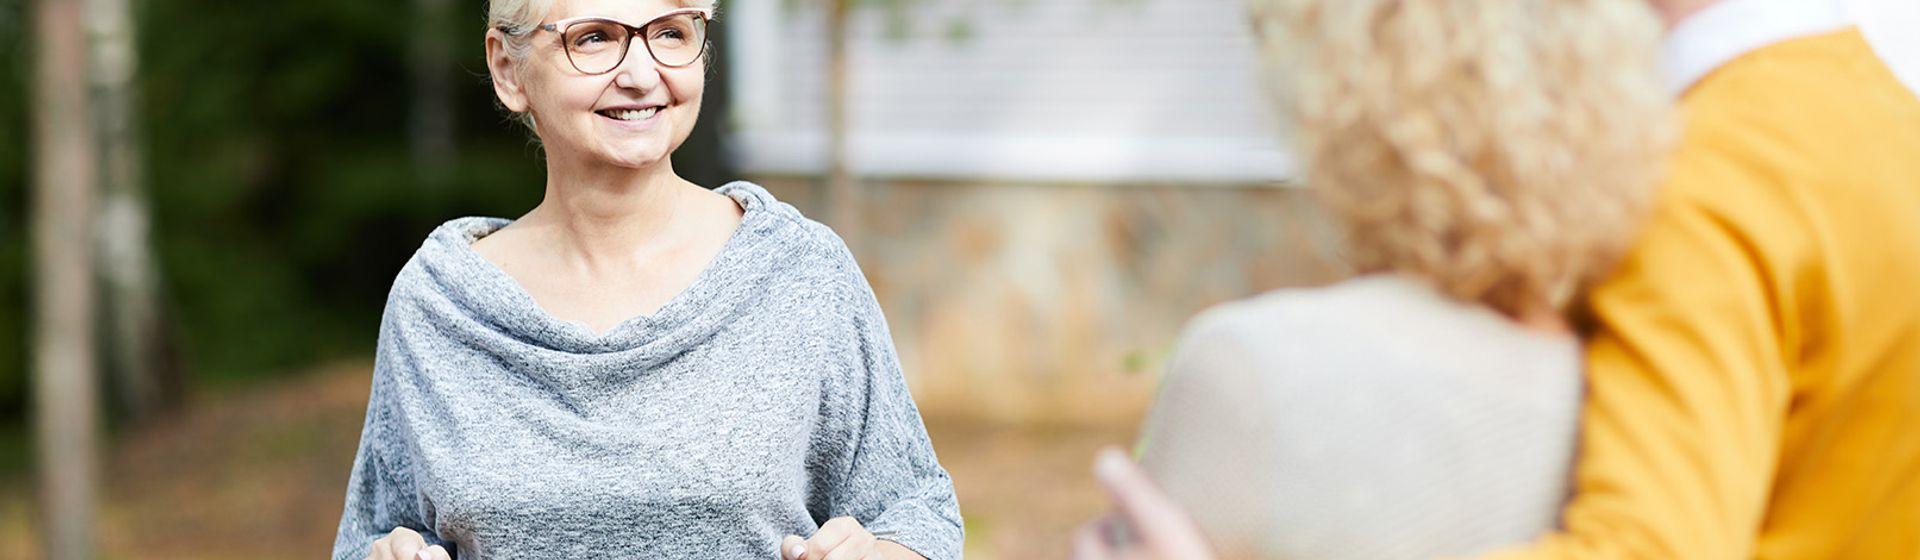 vrouw in gesprek met ander stel over onroerend goed zaken | Het Notarieel